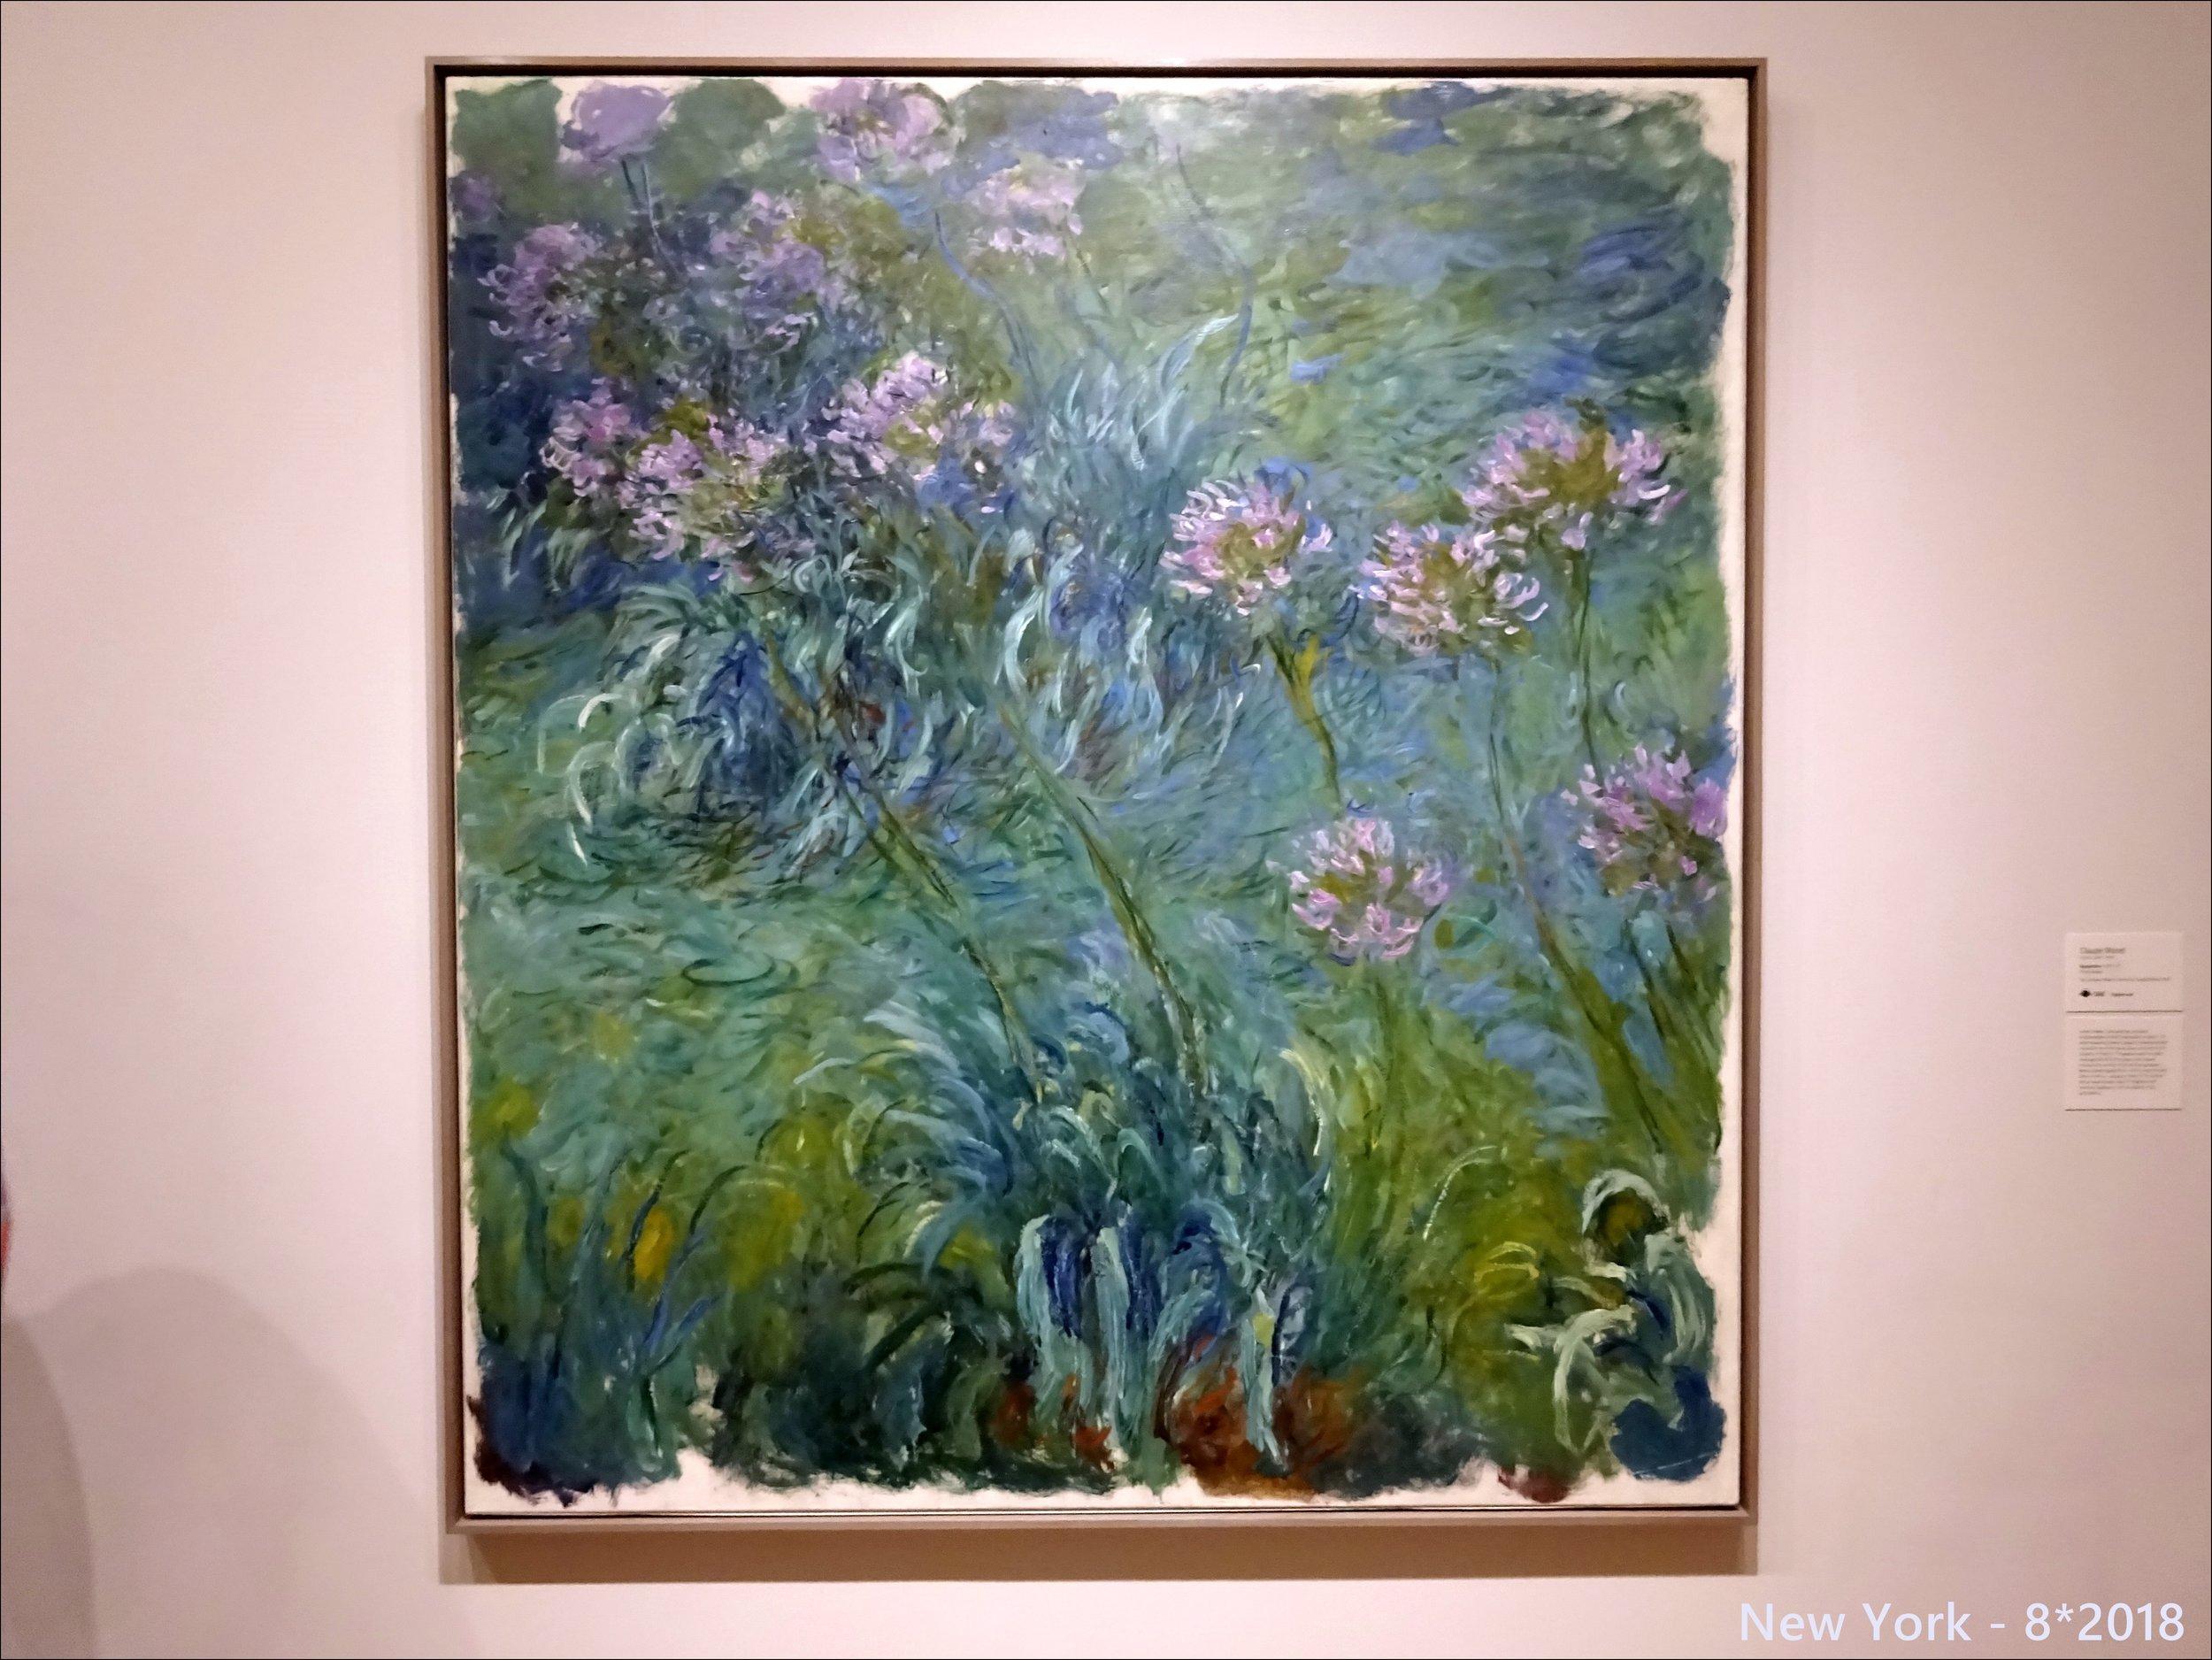 Клод Моне, Агапантус (1914-26) Музей современного искусства в Нью-Йорке, 5 этаж